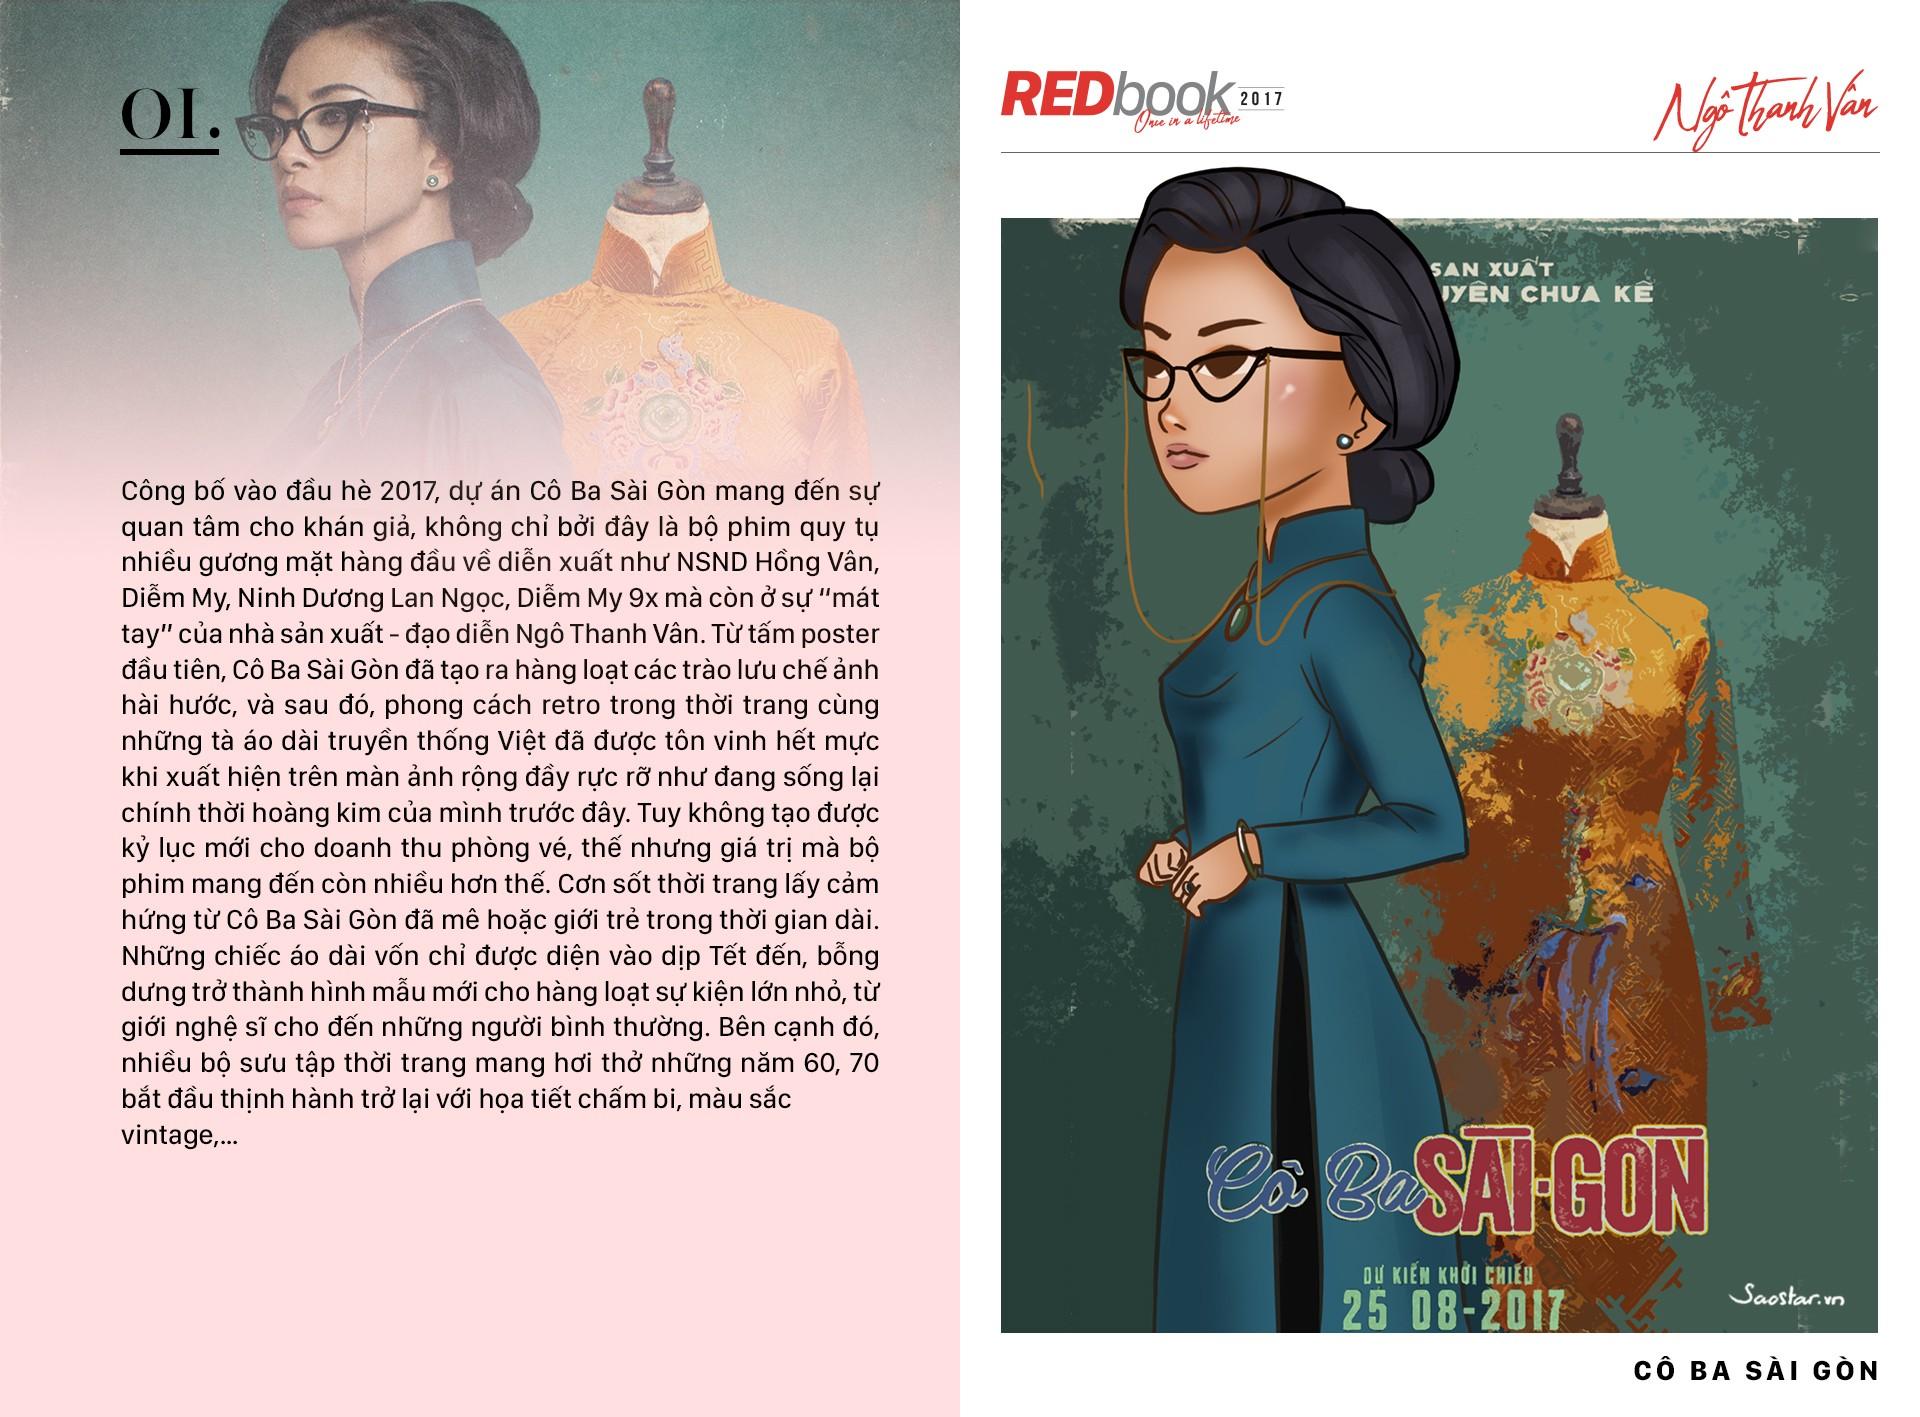 REDbook Tết Mậu Tuất - Ngôi sao mùng 5 Tết: Ngô Thanh Vân